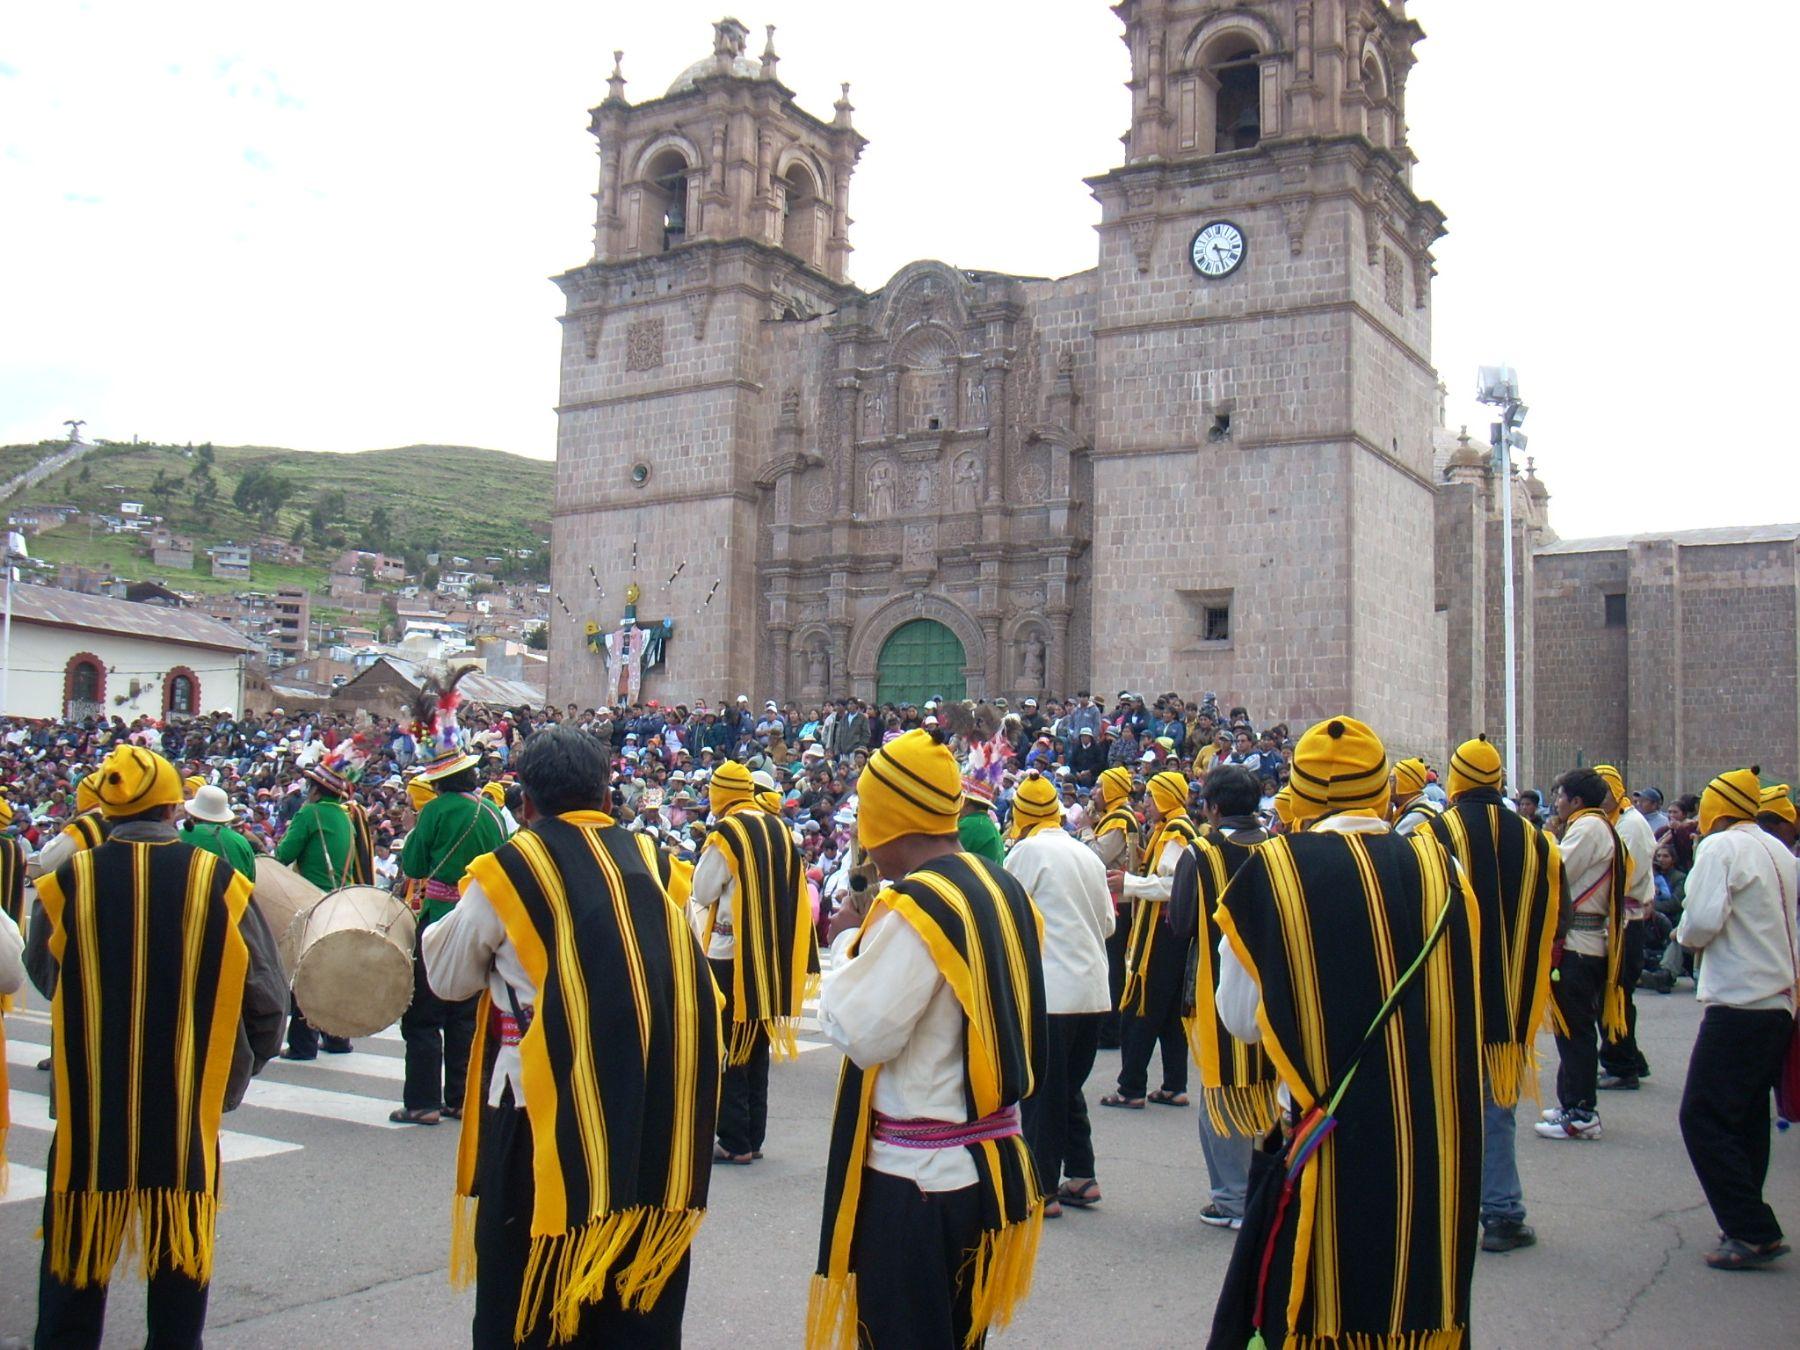 Conjuntos de danzas recorren las calles de Puno en homenaje a la Virgen de la Candelaria. Foto: ANDINA / Atilio Alejo.